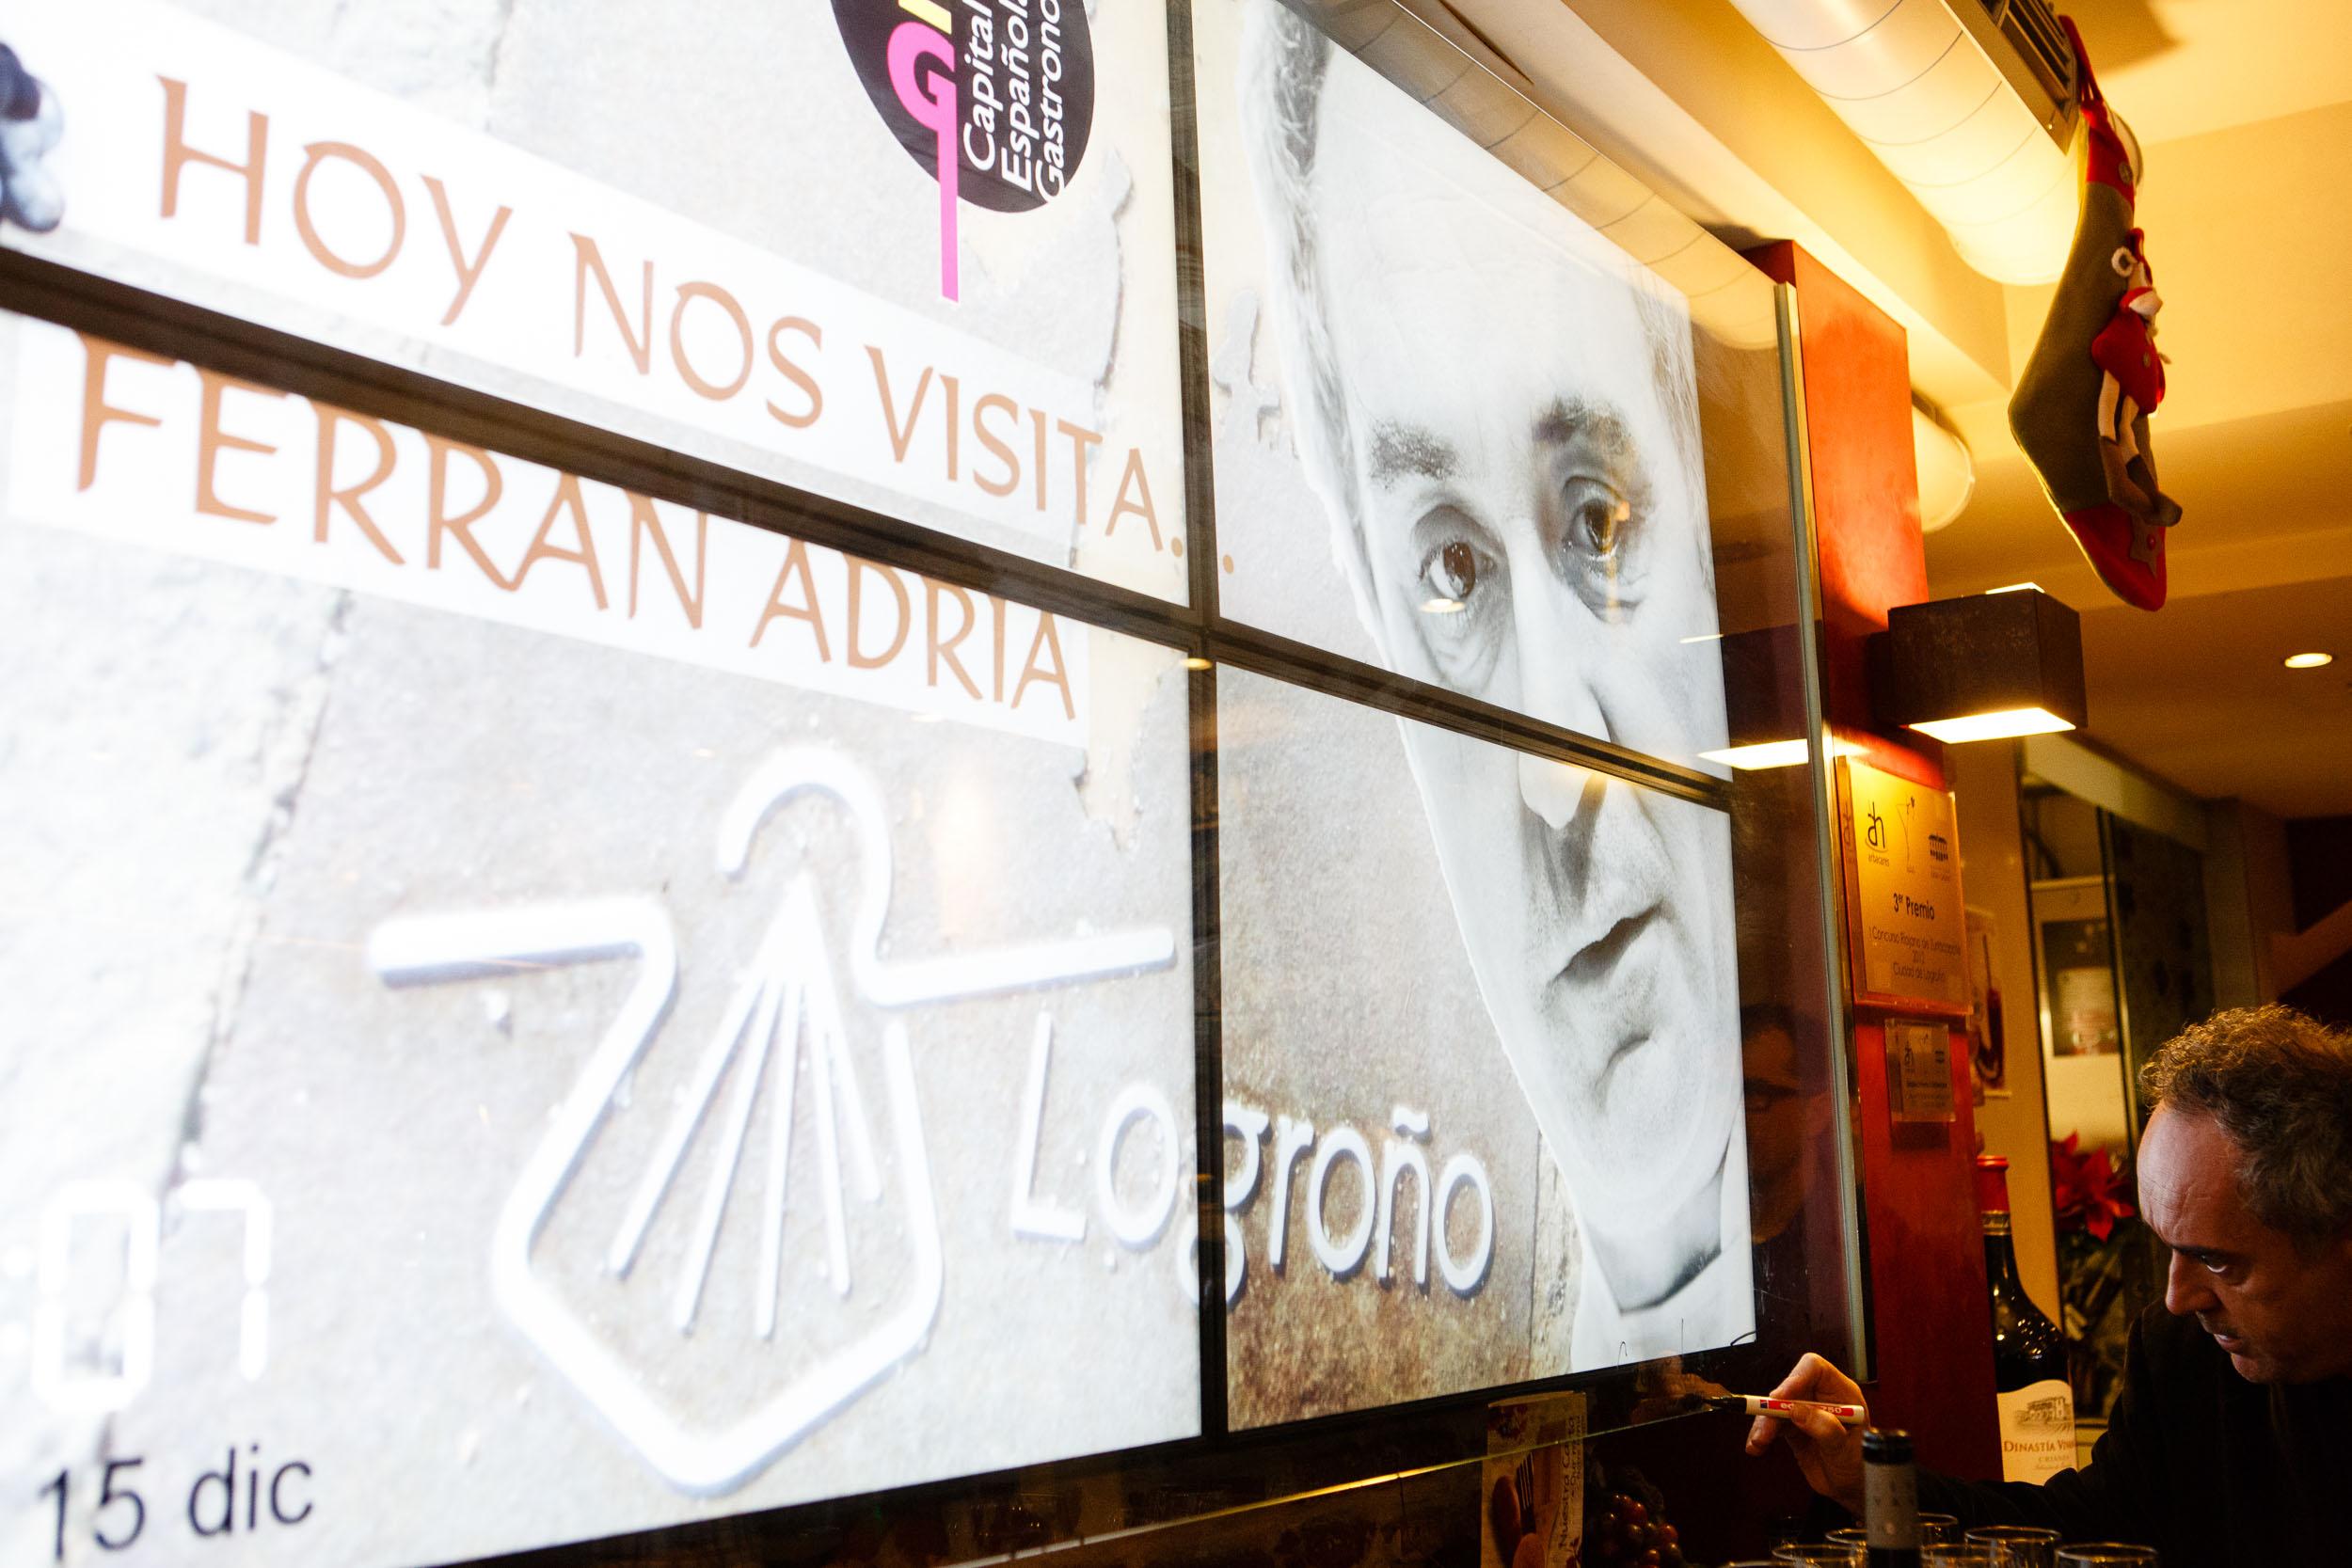 15/12/12 Ferran Adrià en La Taverna de Tío Blas, c/Laurel, Logroño, La Rioja. Foto por James Sturcke   www.sturcke.org